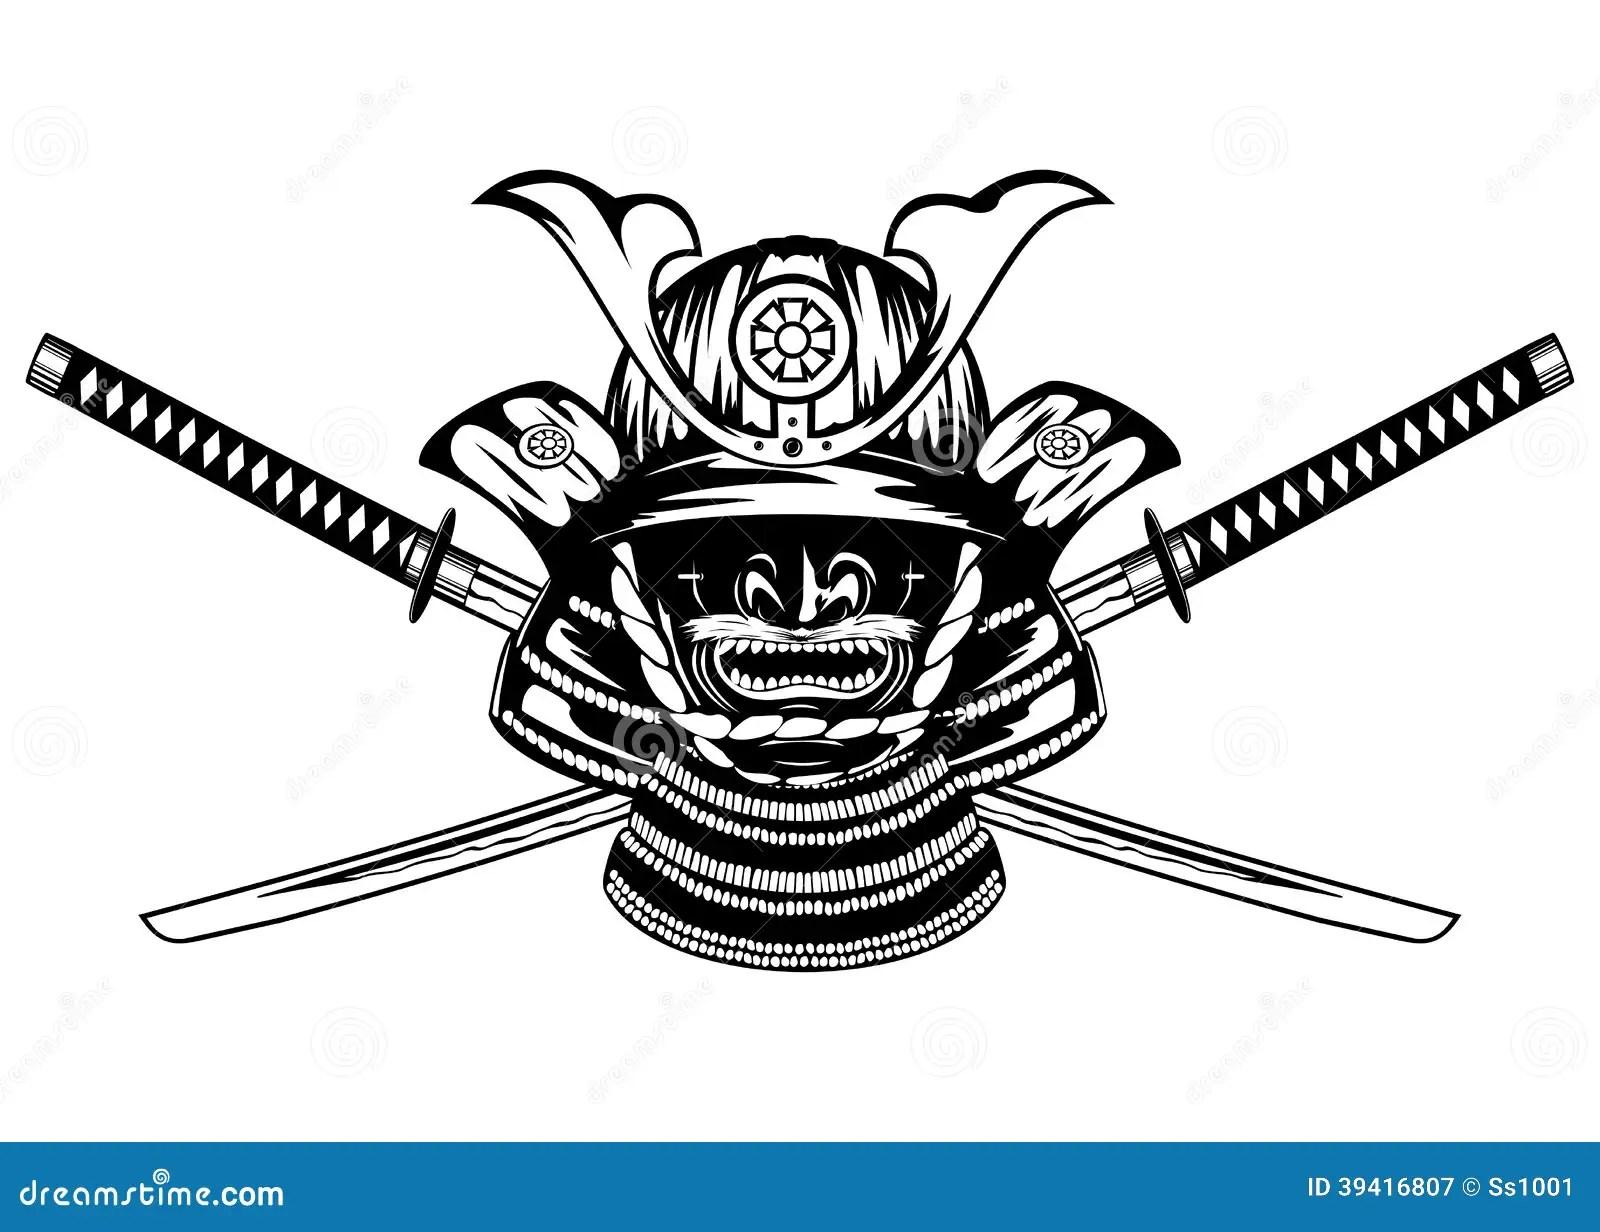 Samurai Helmet And Swords Stock Vector